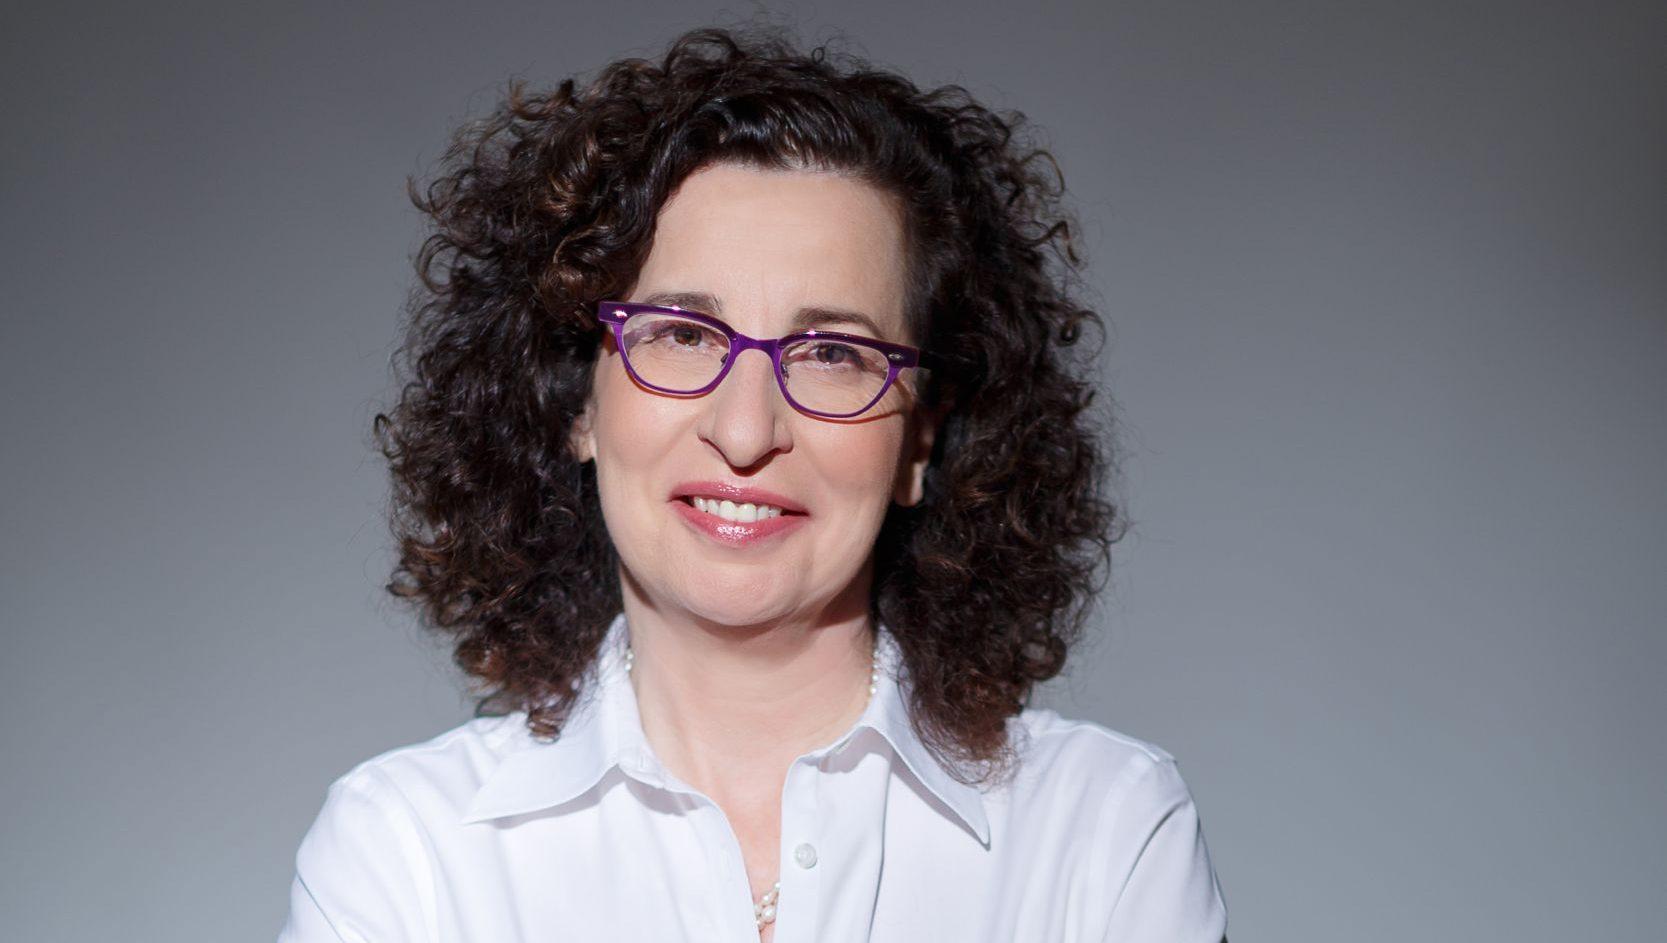 """התפקיד החדש של ענת לוין: מנכ""""ל בלאקרוק ישראל"""